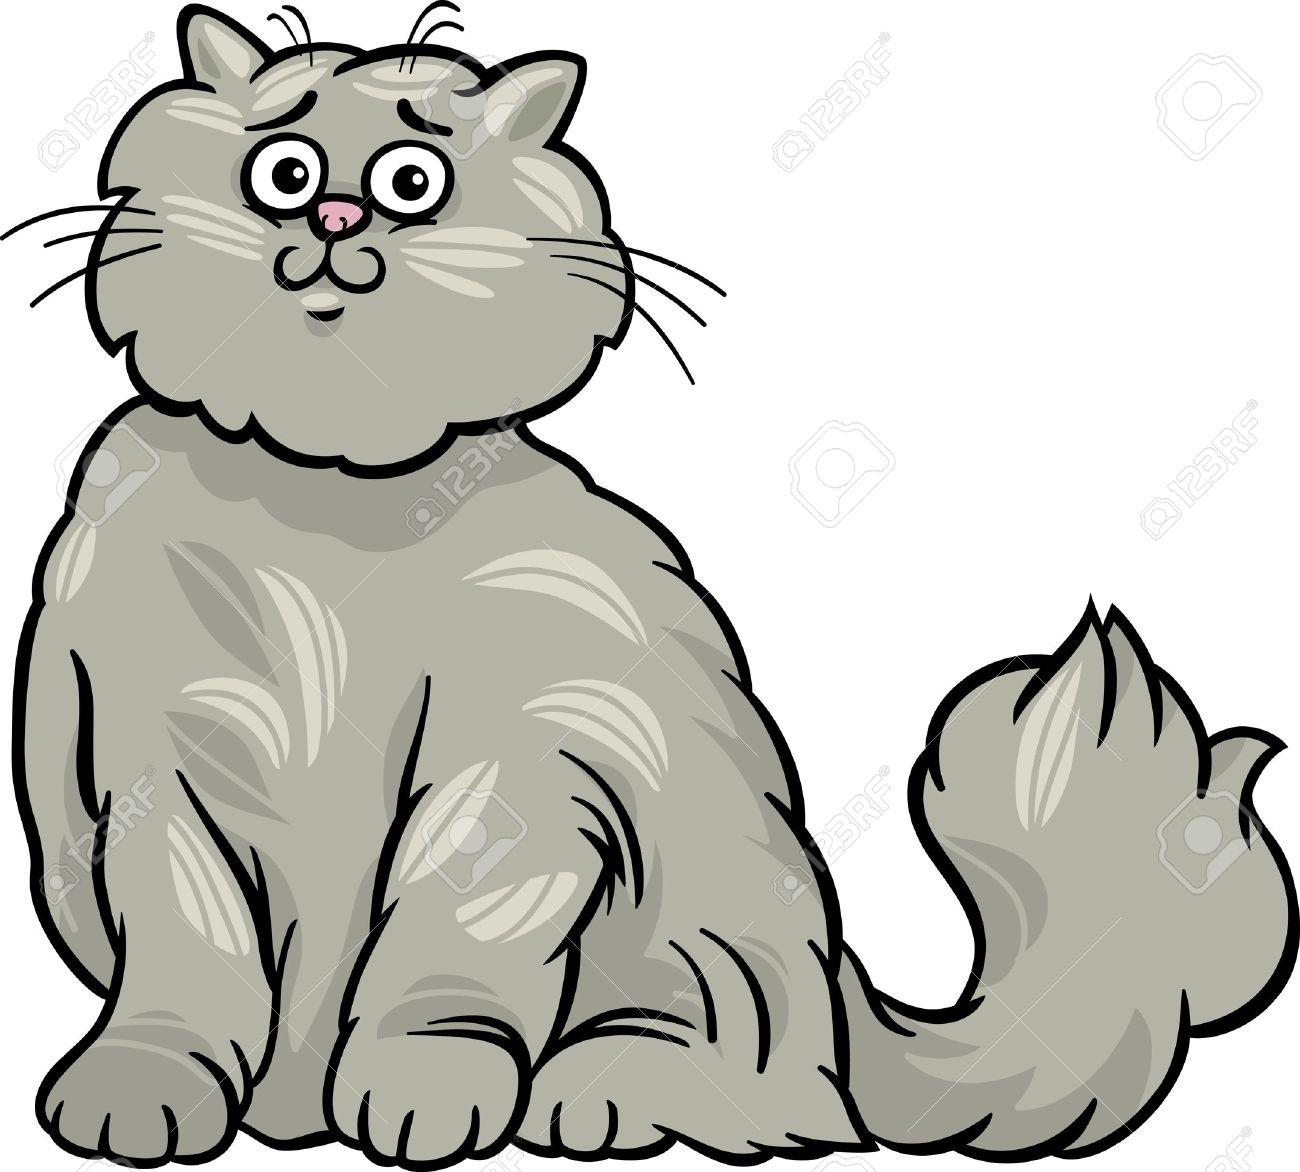 Cartoon Illustration Of Cute Gray Long Hair Persian Cat Royalty.